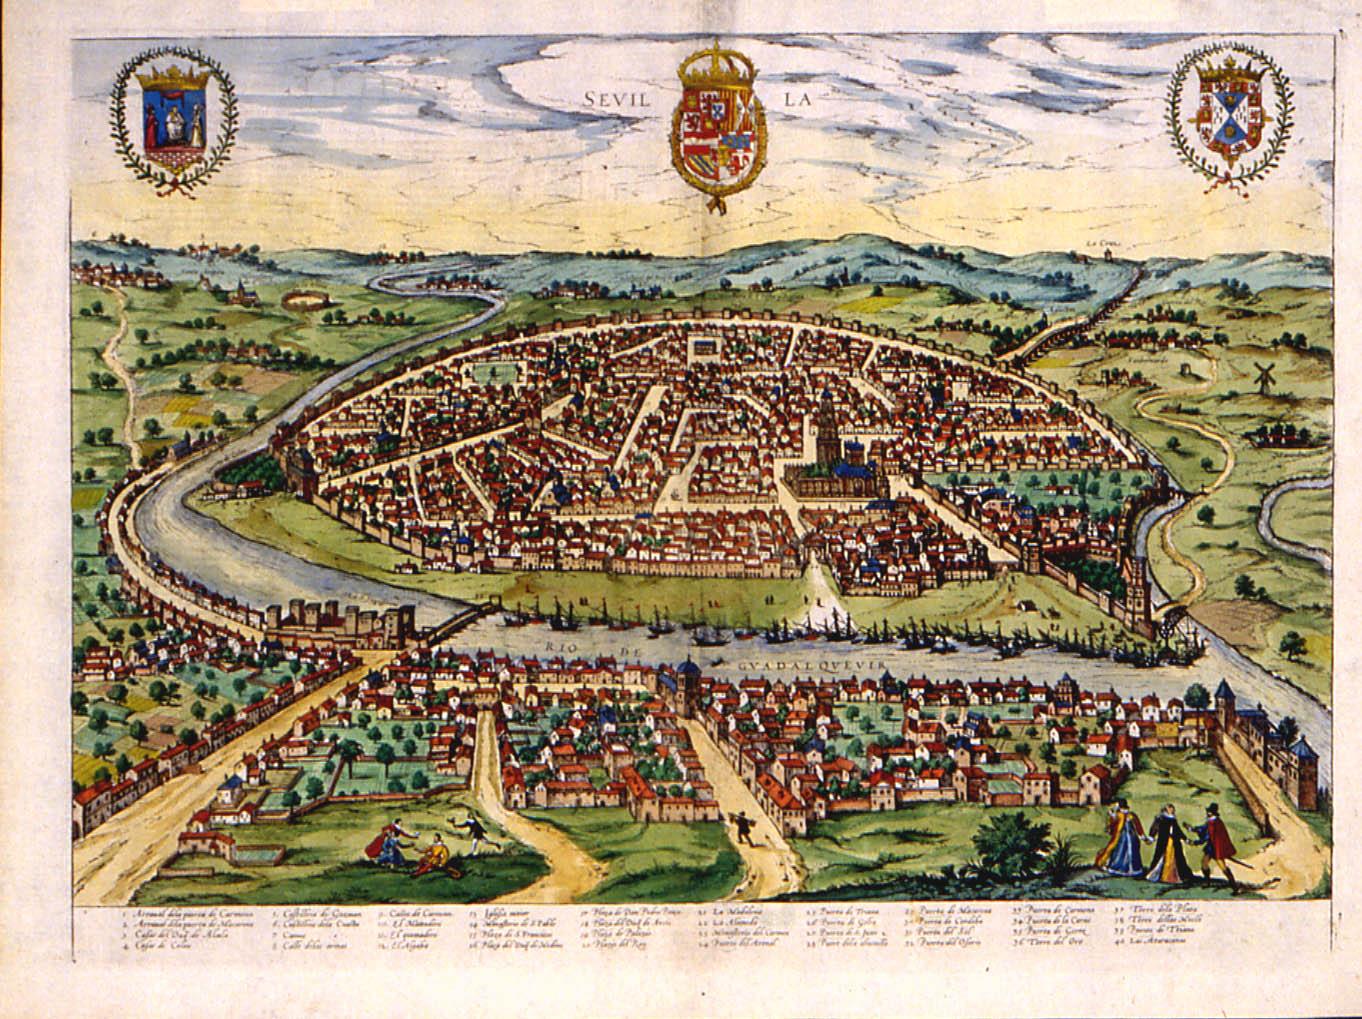 Seville circa 1588